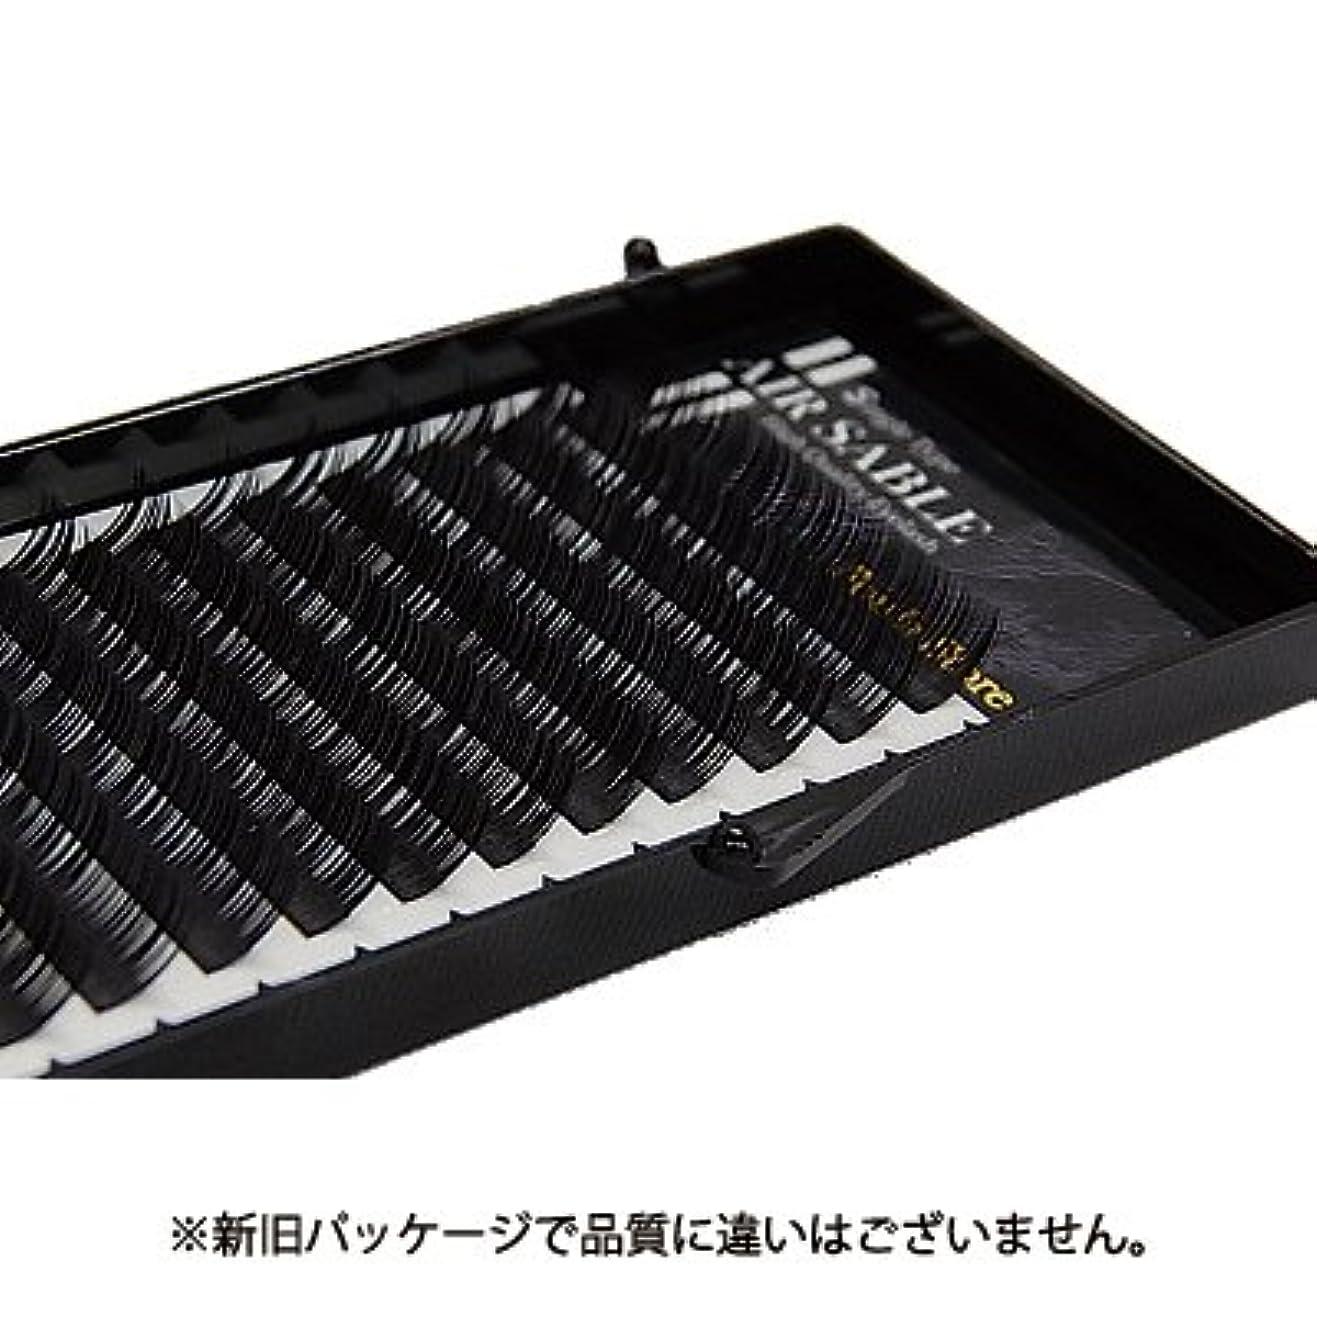 苦難補充資本主義【フーラ】エアーセーブル シート 12列 Cカール 11mm×0.15mm